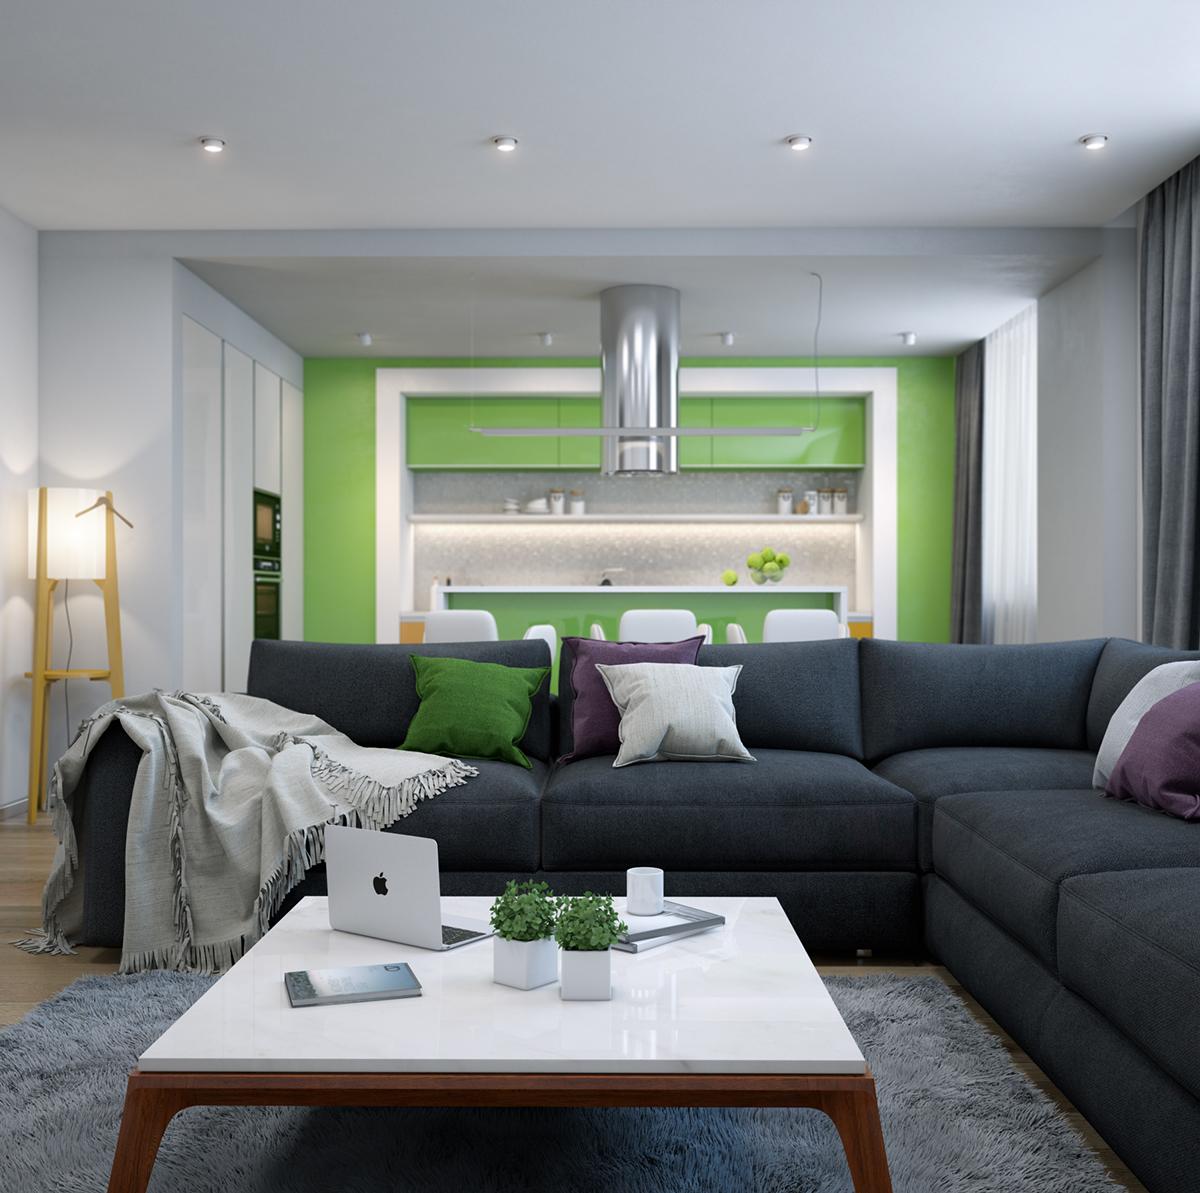 Wedo thiết kế nội thất phòng khách hiện đại,thoáng mát 9